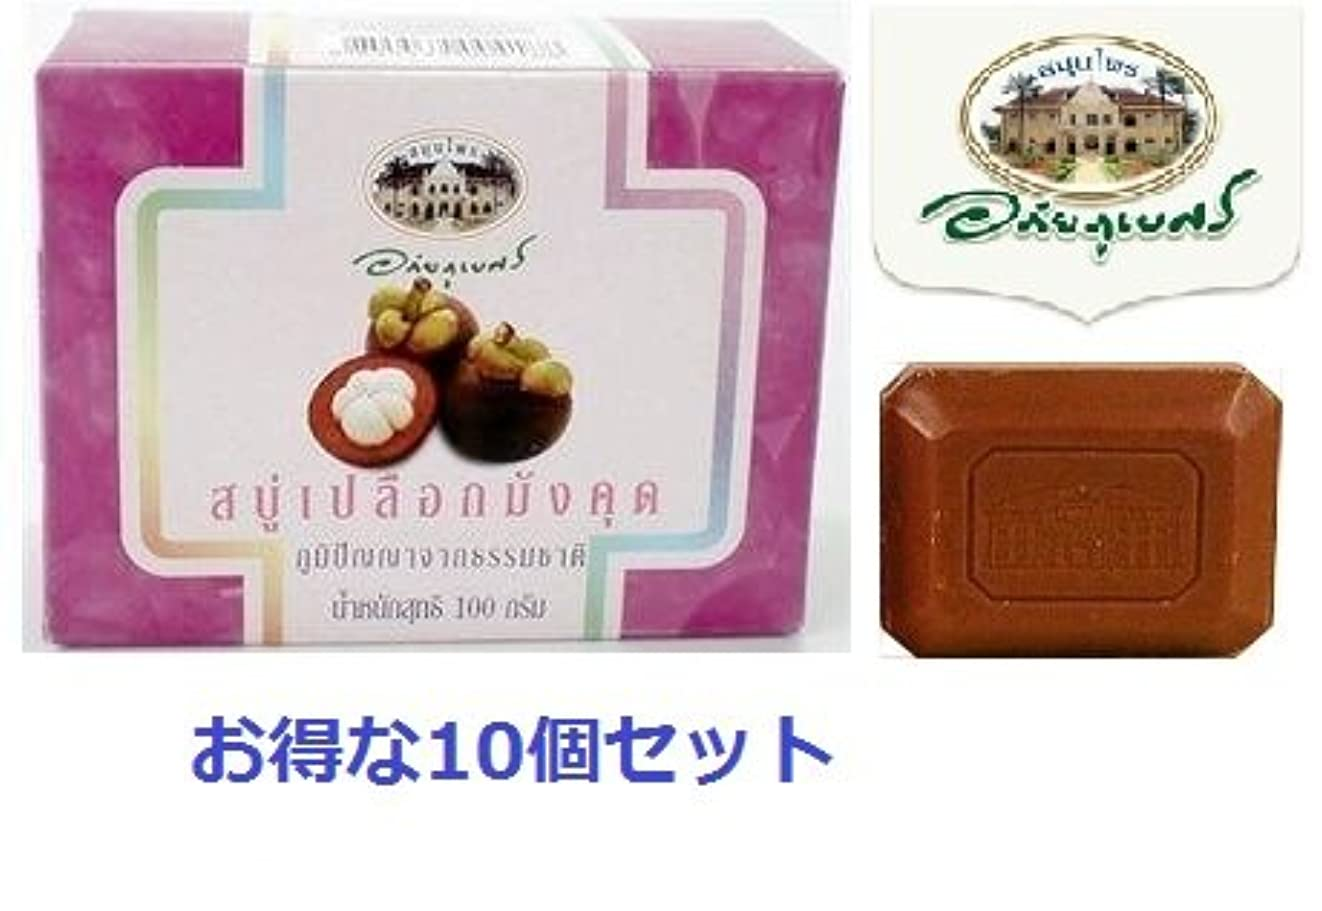 フルーティーな香りが大人気 マンゴスチン石鹸 お得な10個セット タイ王国 国立病院ハーブ製品研究開発プロジェクト品 海外直送